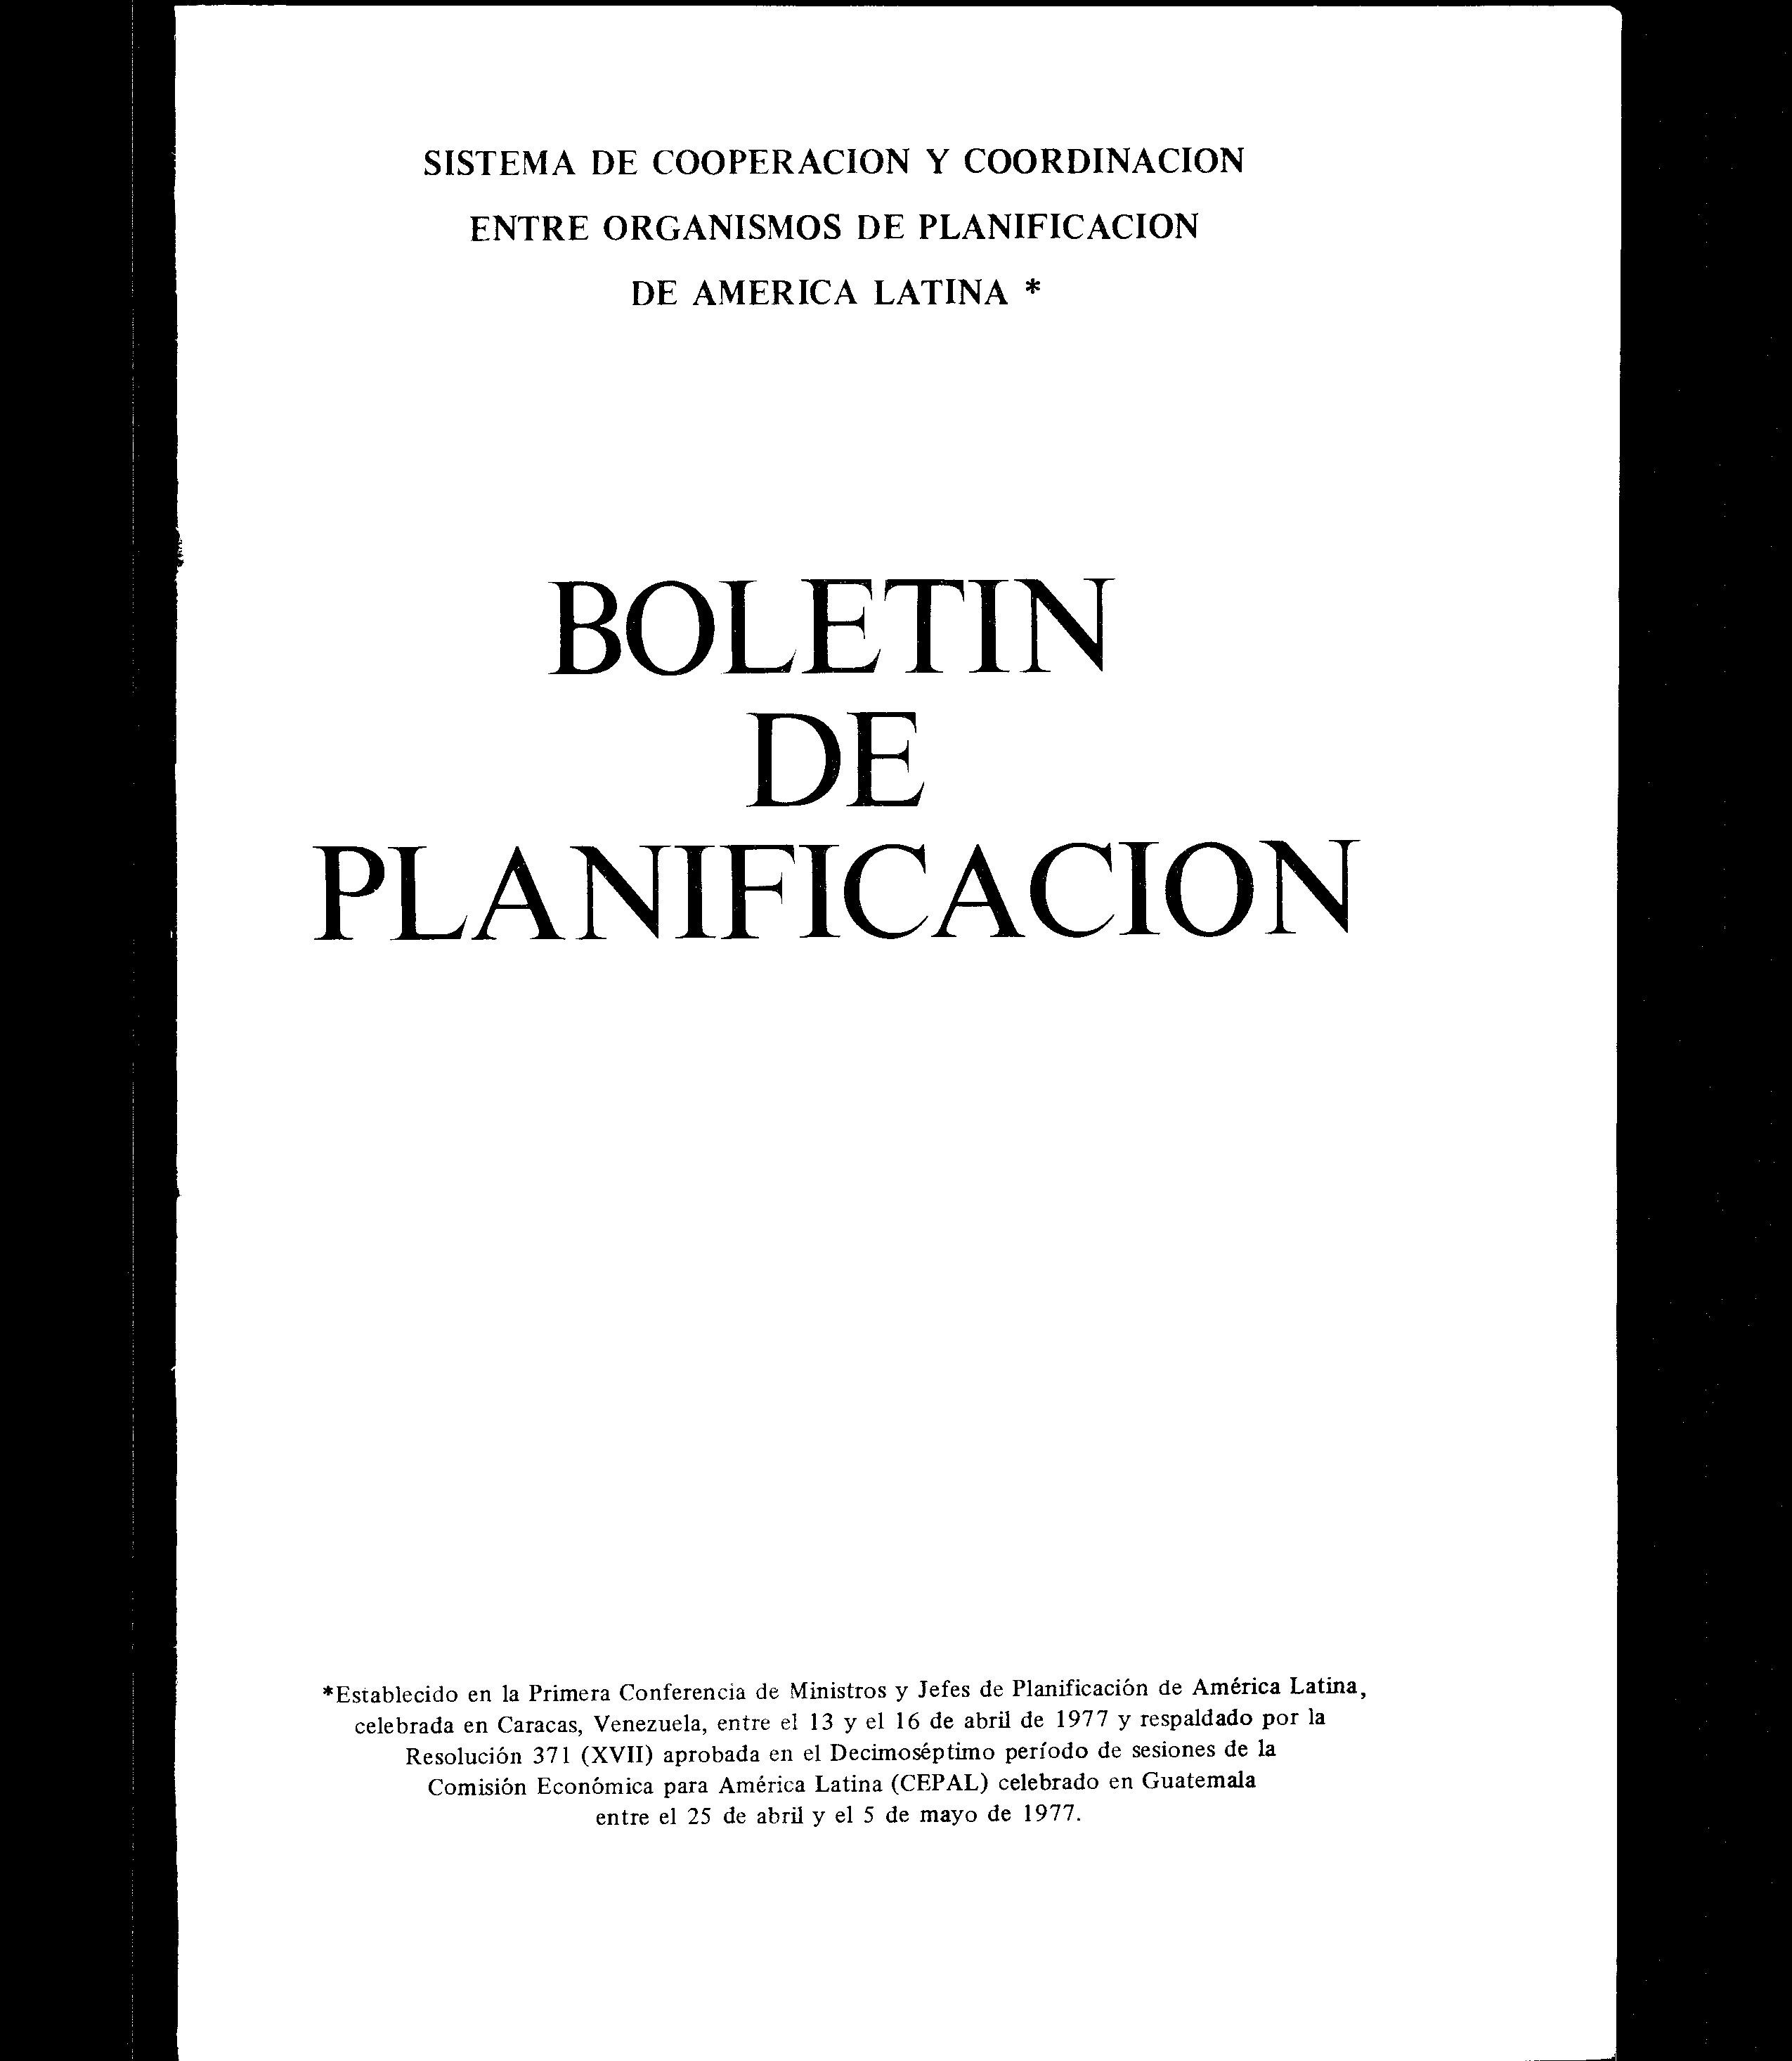 SISTEMA DE COOPERACION Y COORDINACION ENTRE ORGANISMOS DE PLANIFICACION DE AMERICA LATINA BOLETIN DE PLANIFICACION